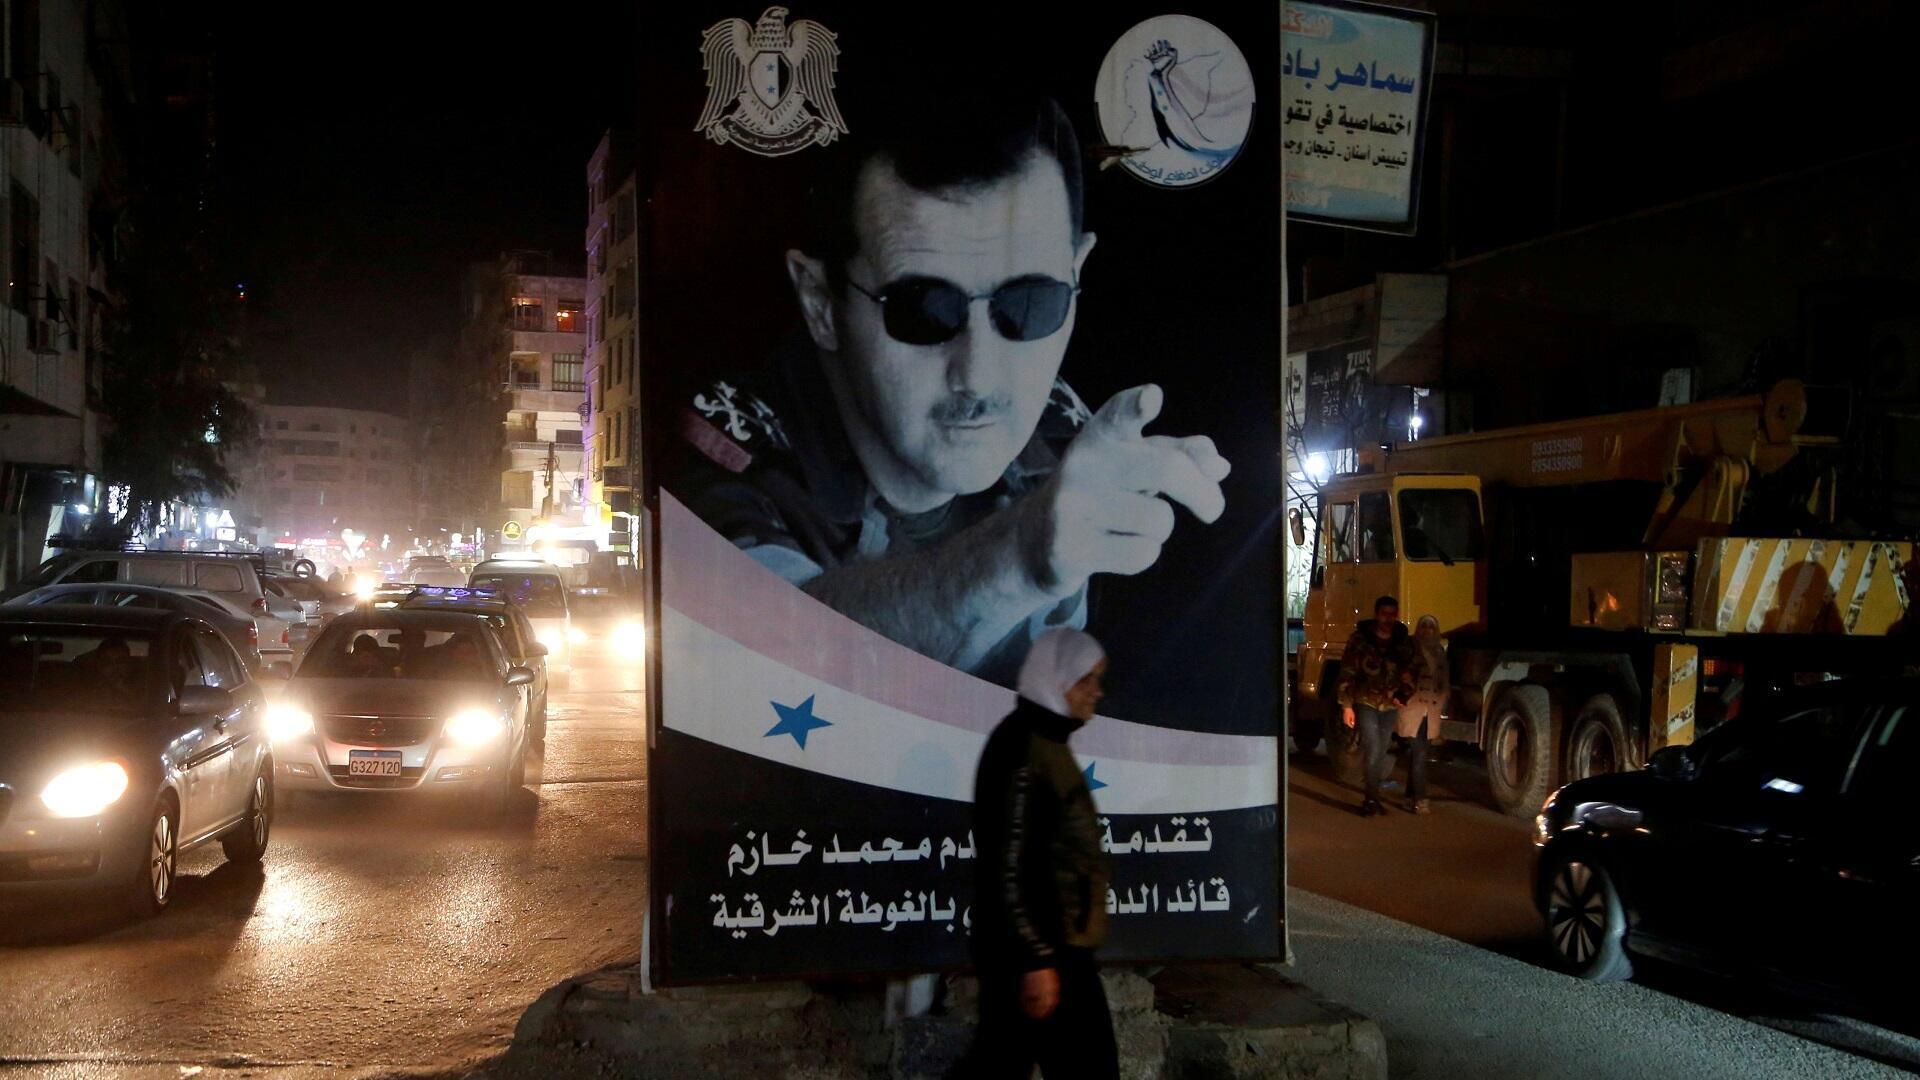 صورة للرئيس السوري بشار الأسد في دمشق، 5 مارس/آذار 2020.